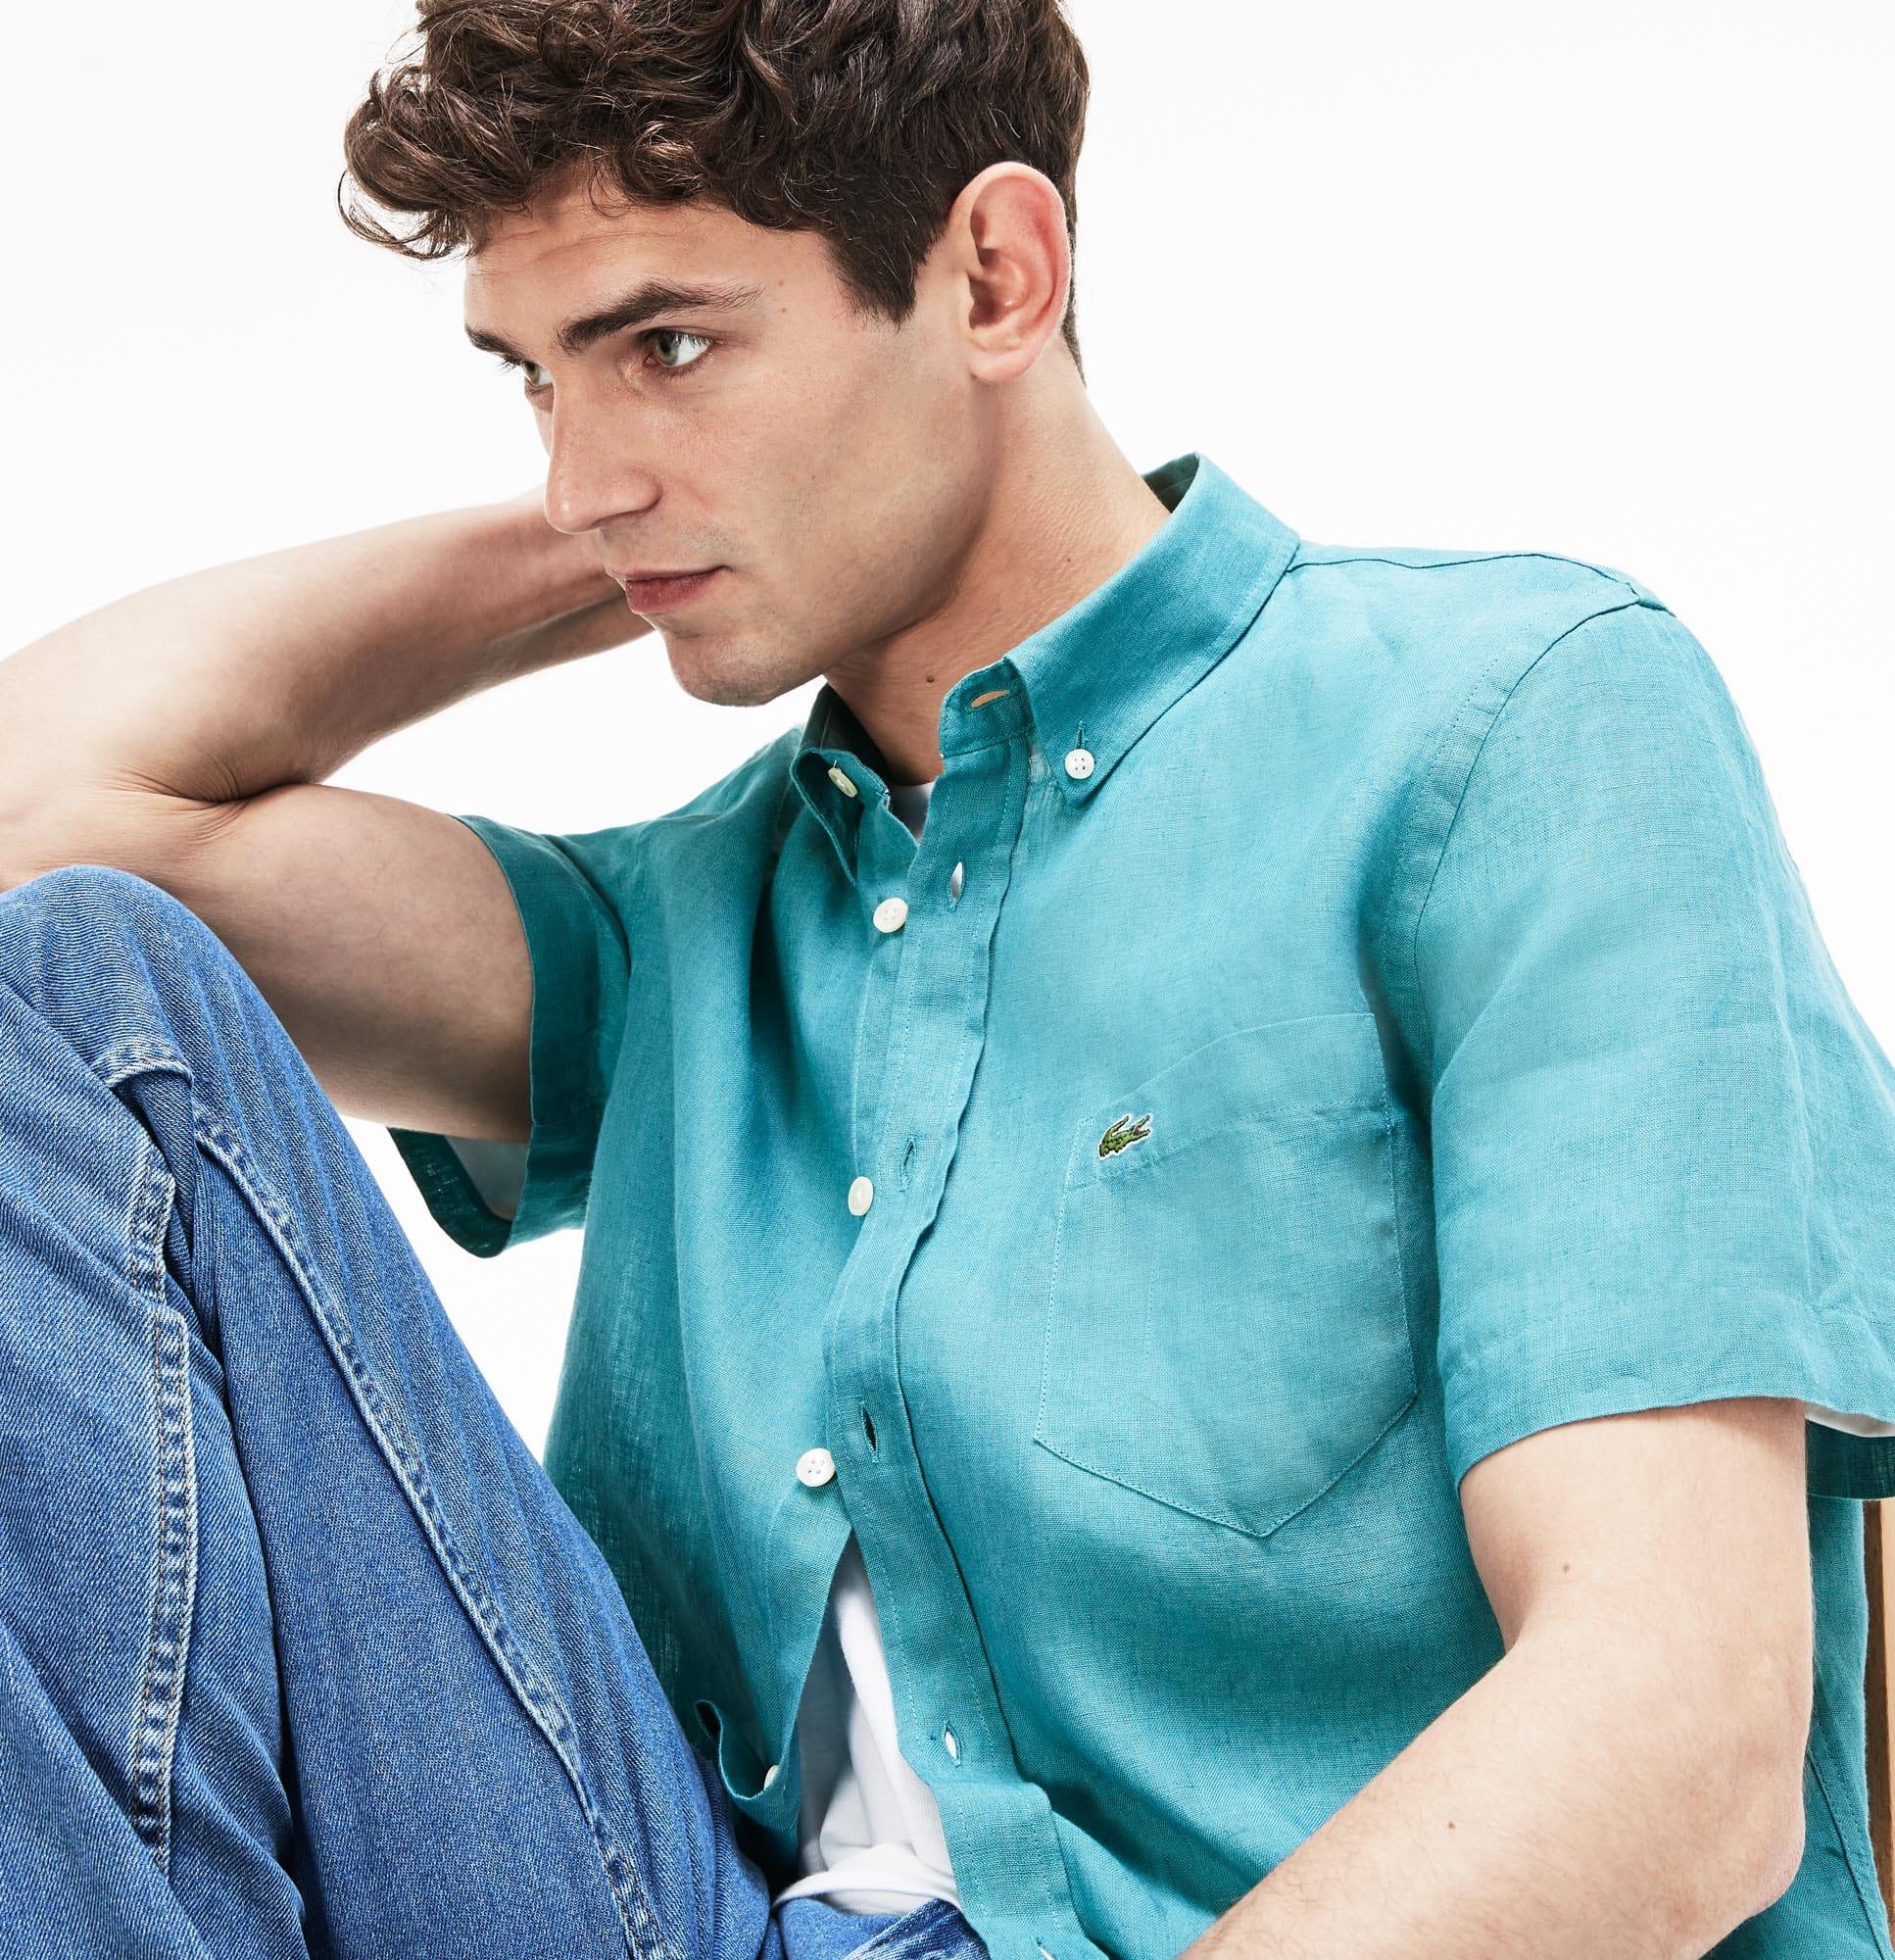 Roupa e acessórios de homem. Camisas. Luxury man brands